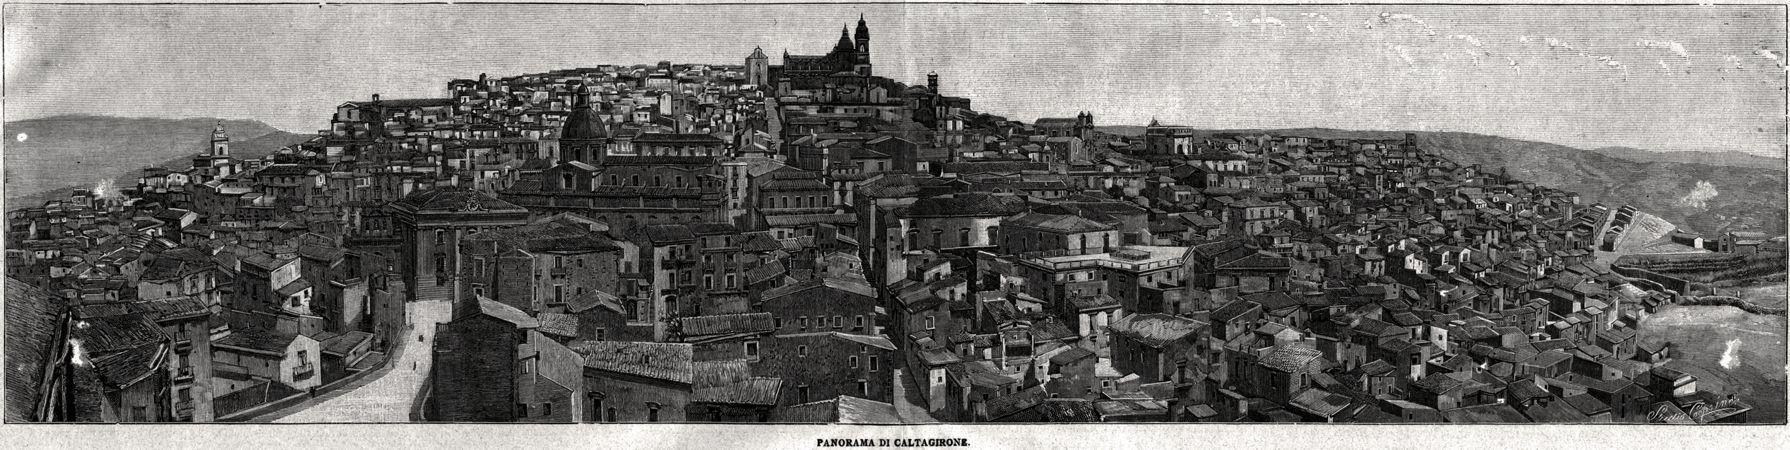 Stampa Antica Pompei: Scavi Pittoreschi Passepartout Grande Veduta 1877